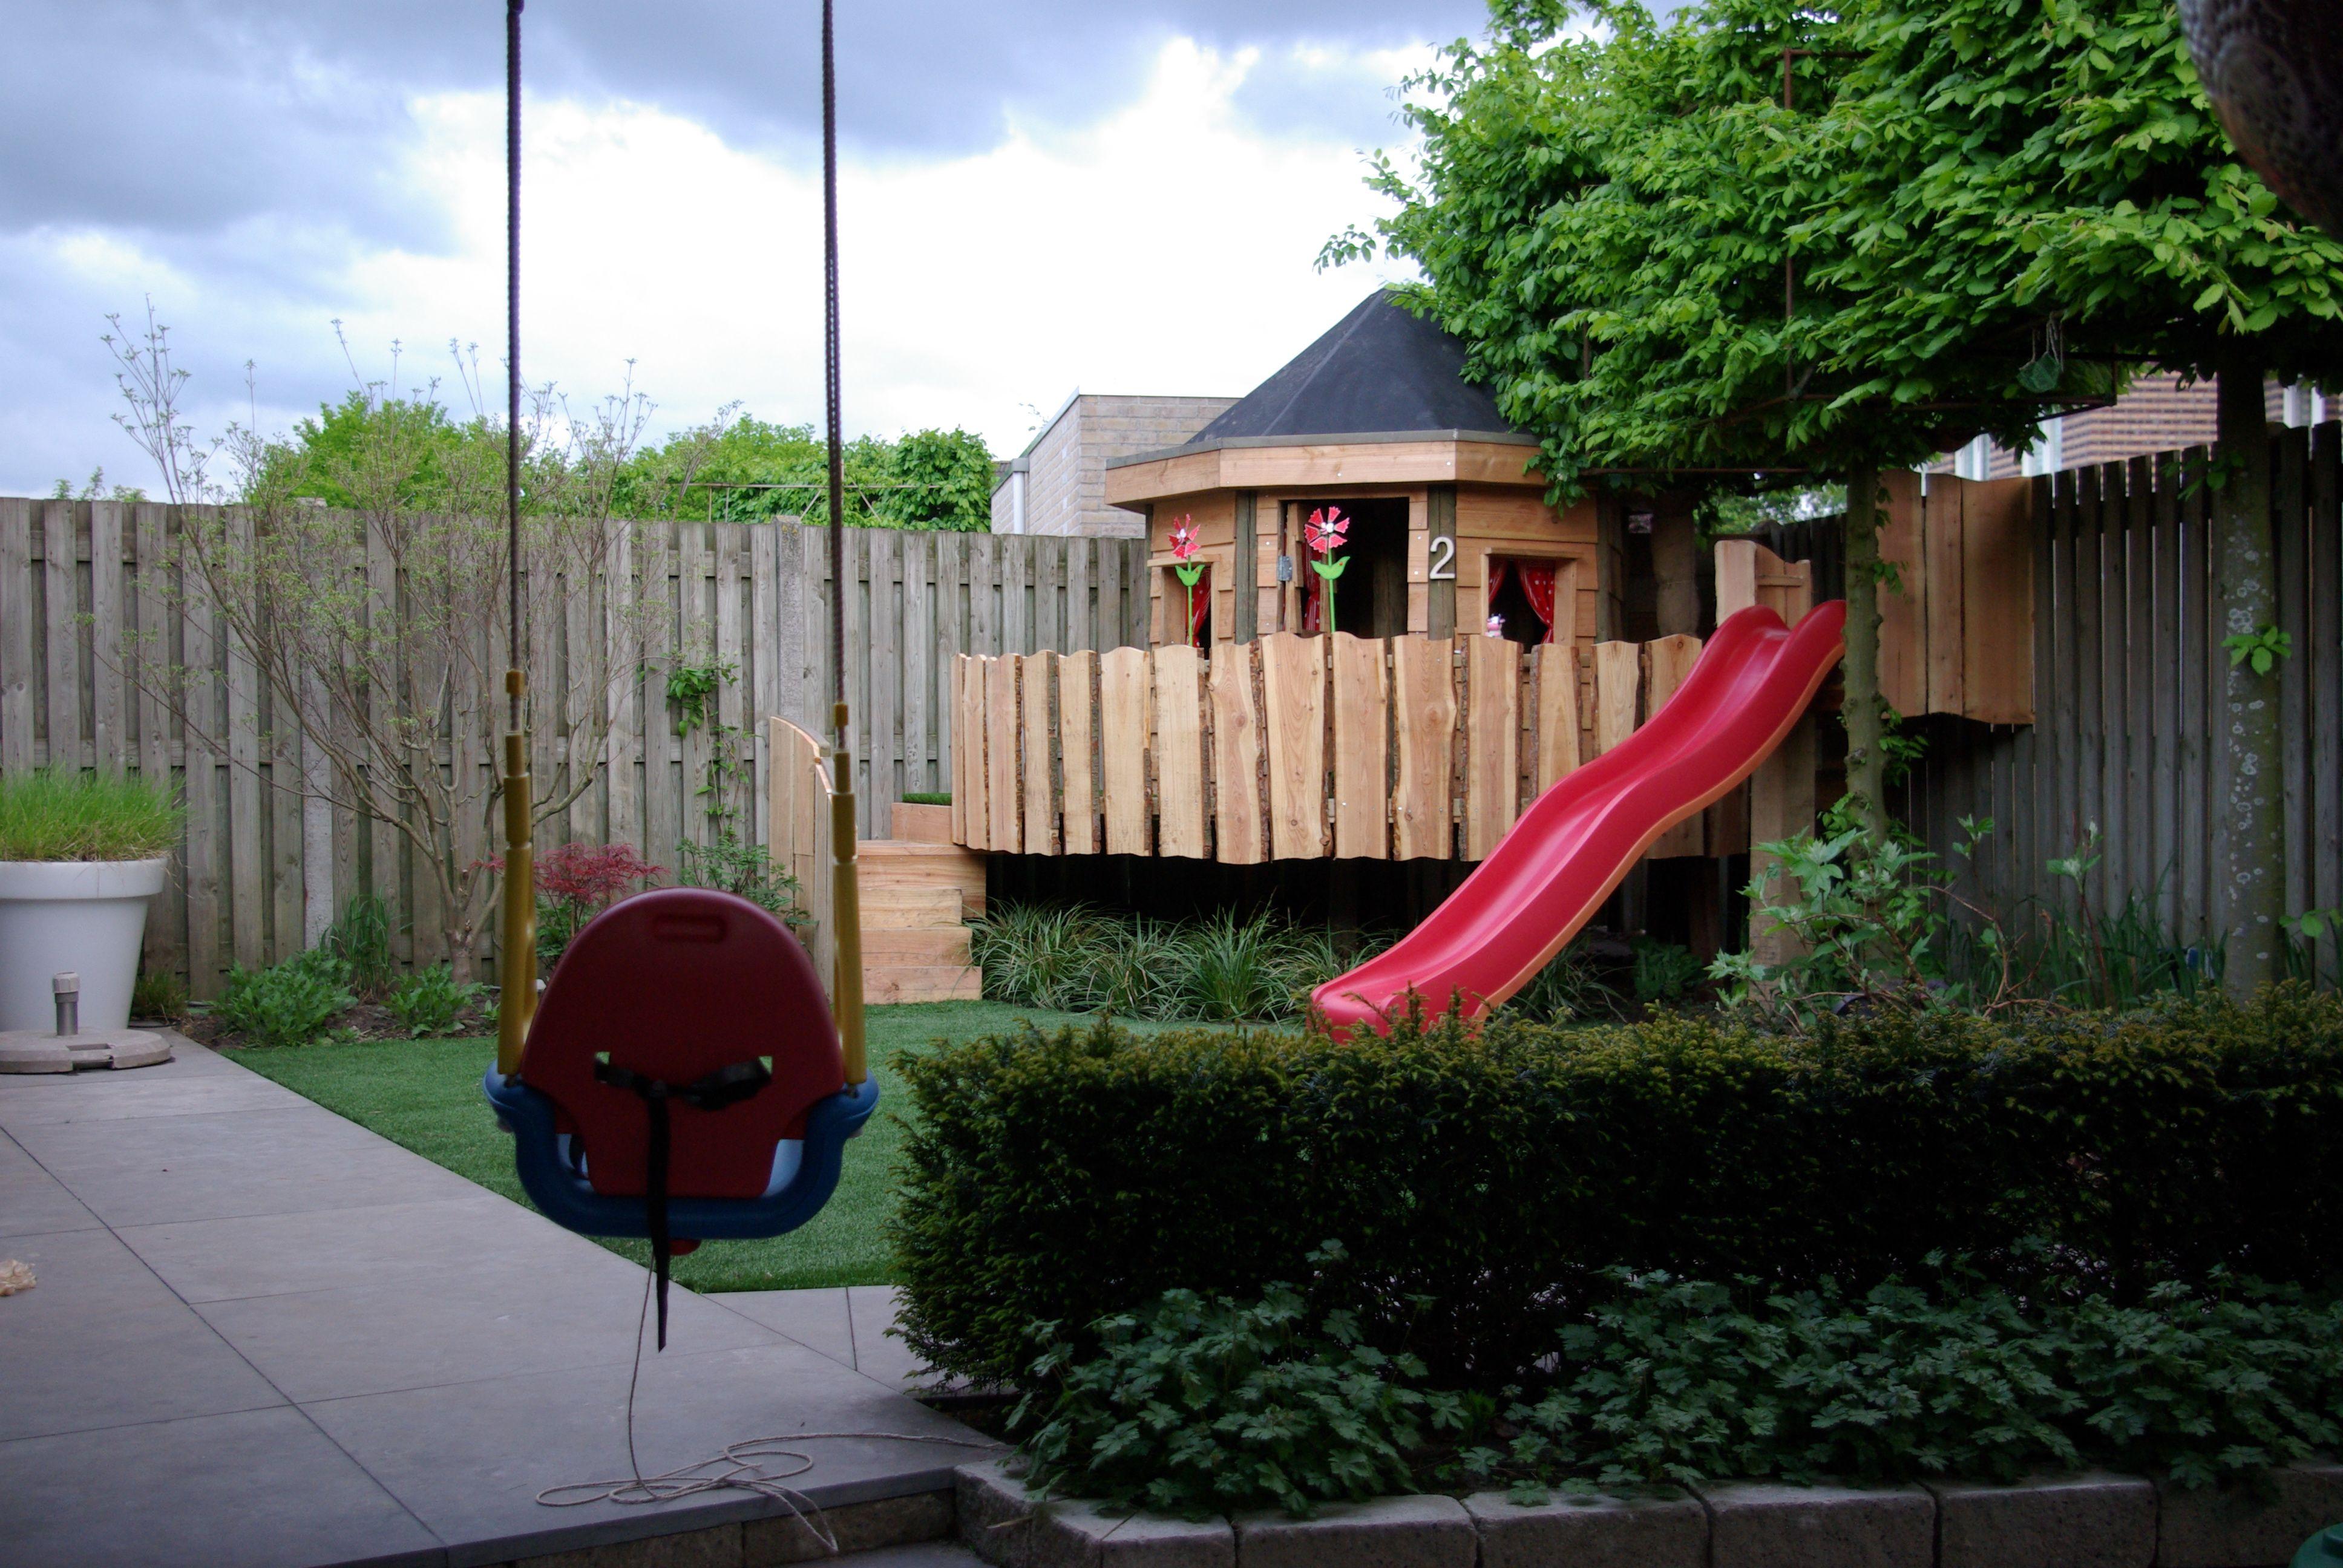 Tuinontwerp tuinaanleg hovenier eindhoven helmond nuenen for Kindvriendelijke tuin ontwerpen